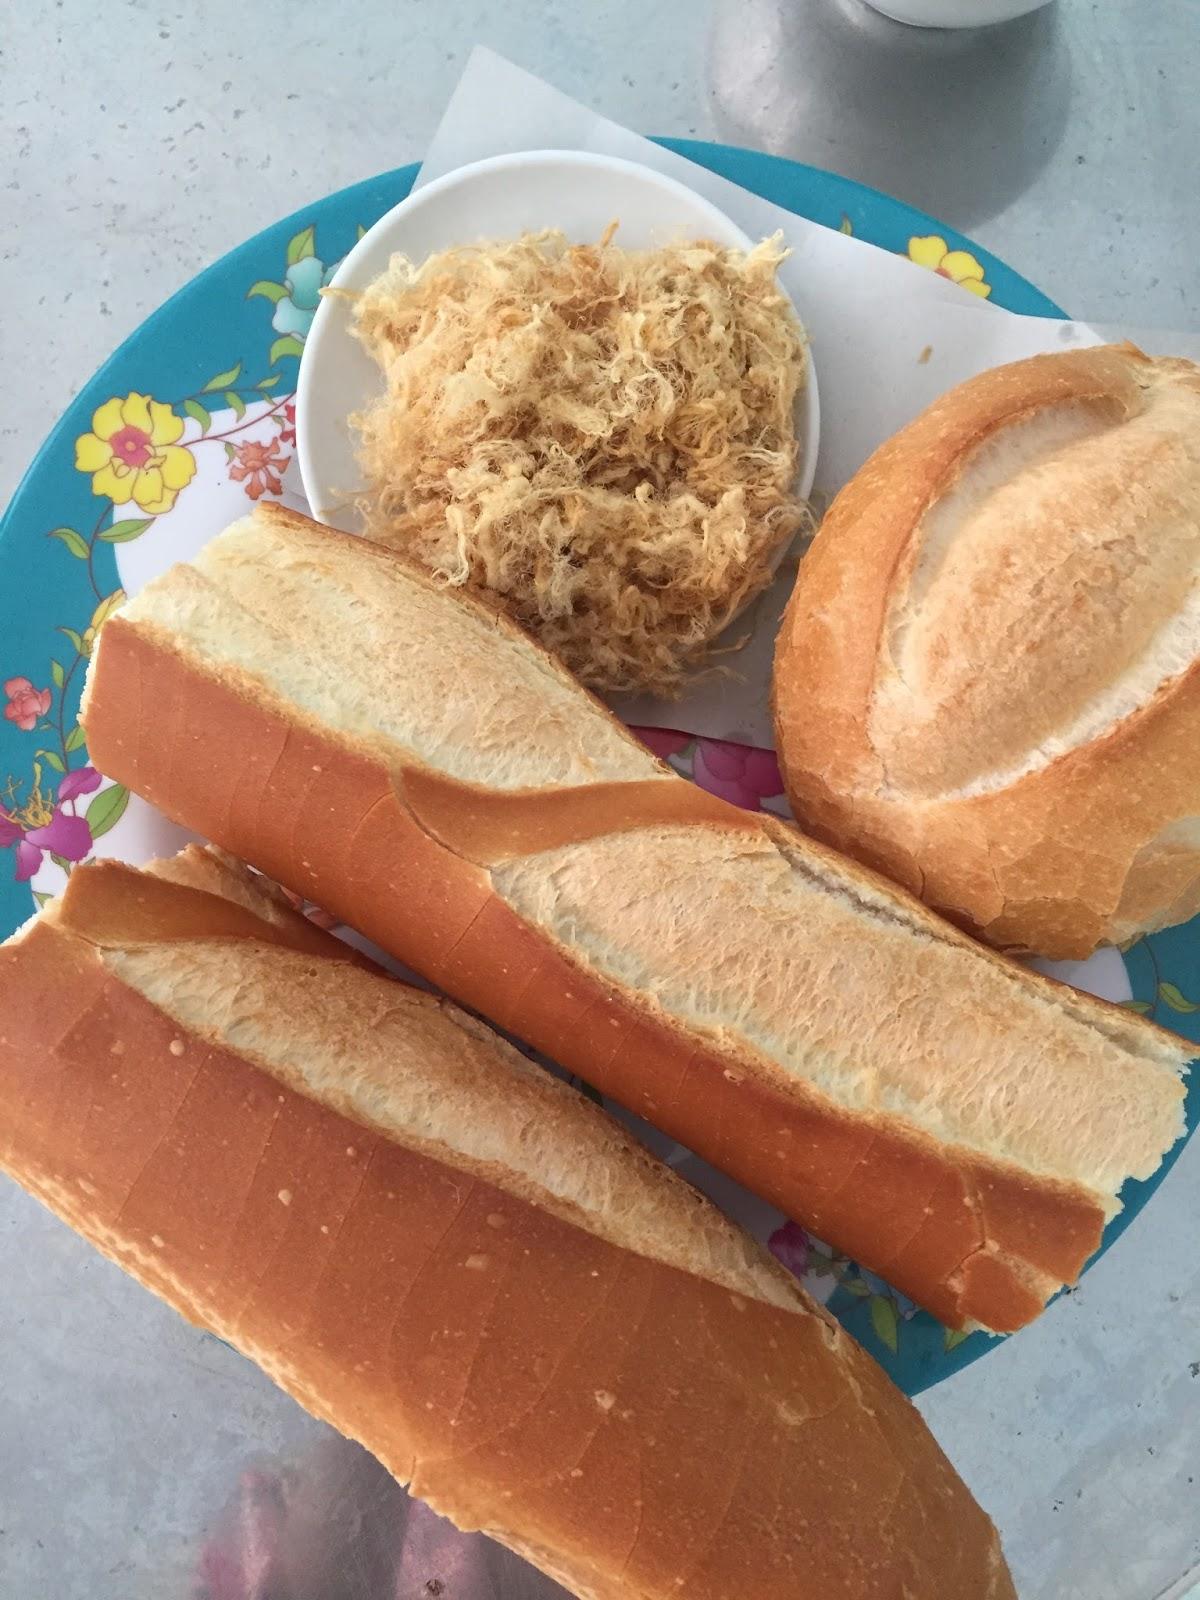 Adrienne nguyen_Invictus_Best Bread in the World_Da Nang Baguettes_Bread in Vietnam_Pork Floss